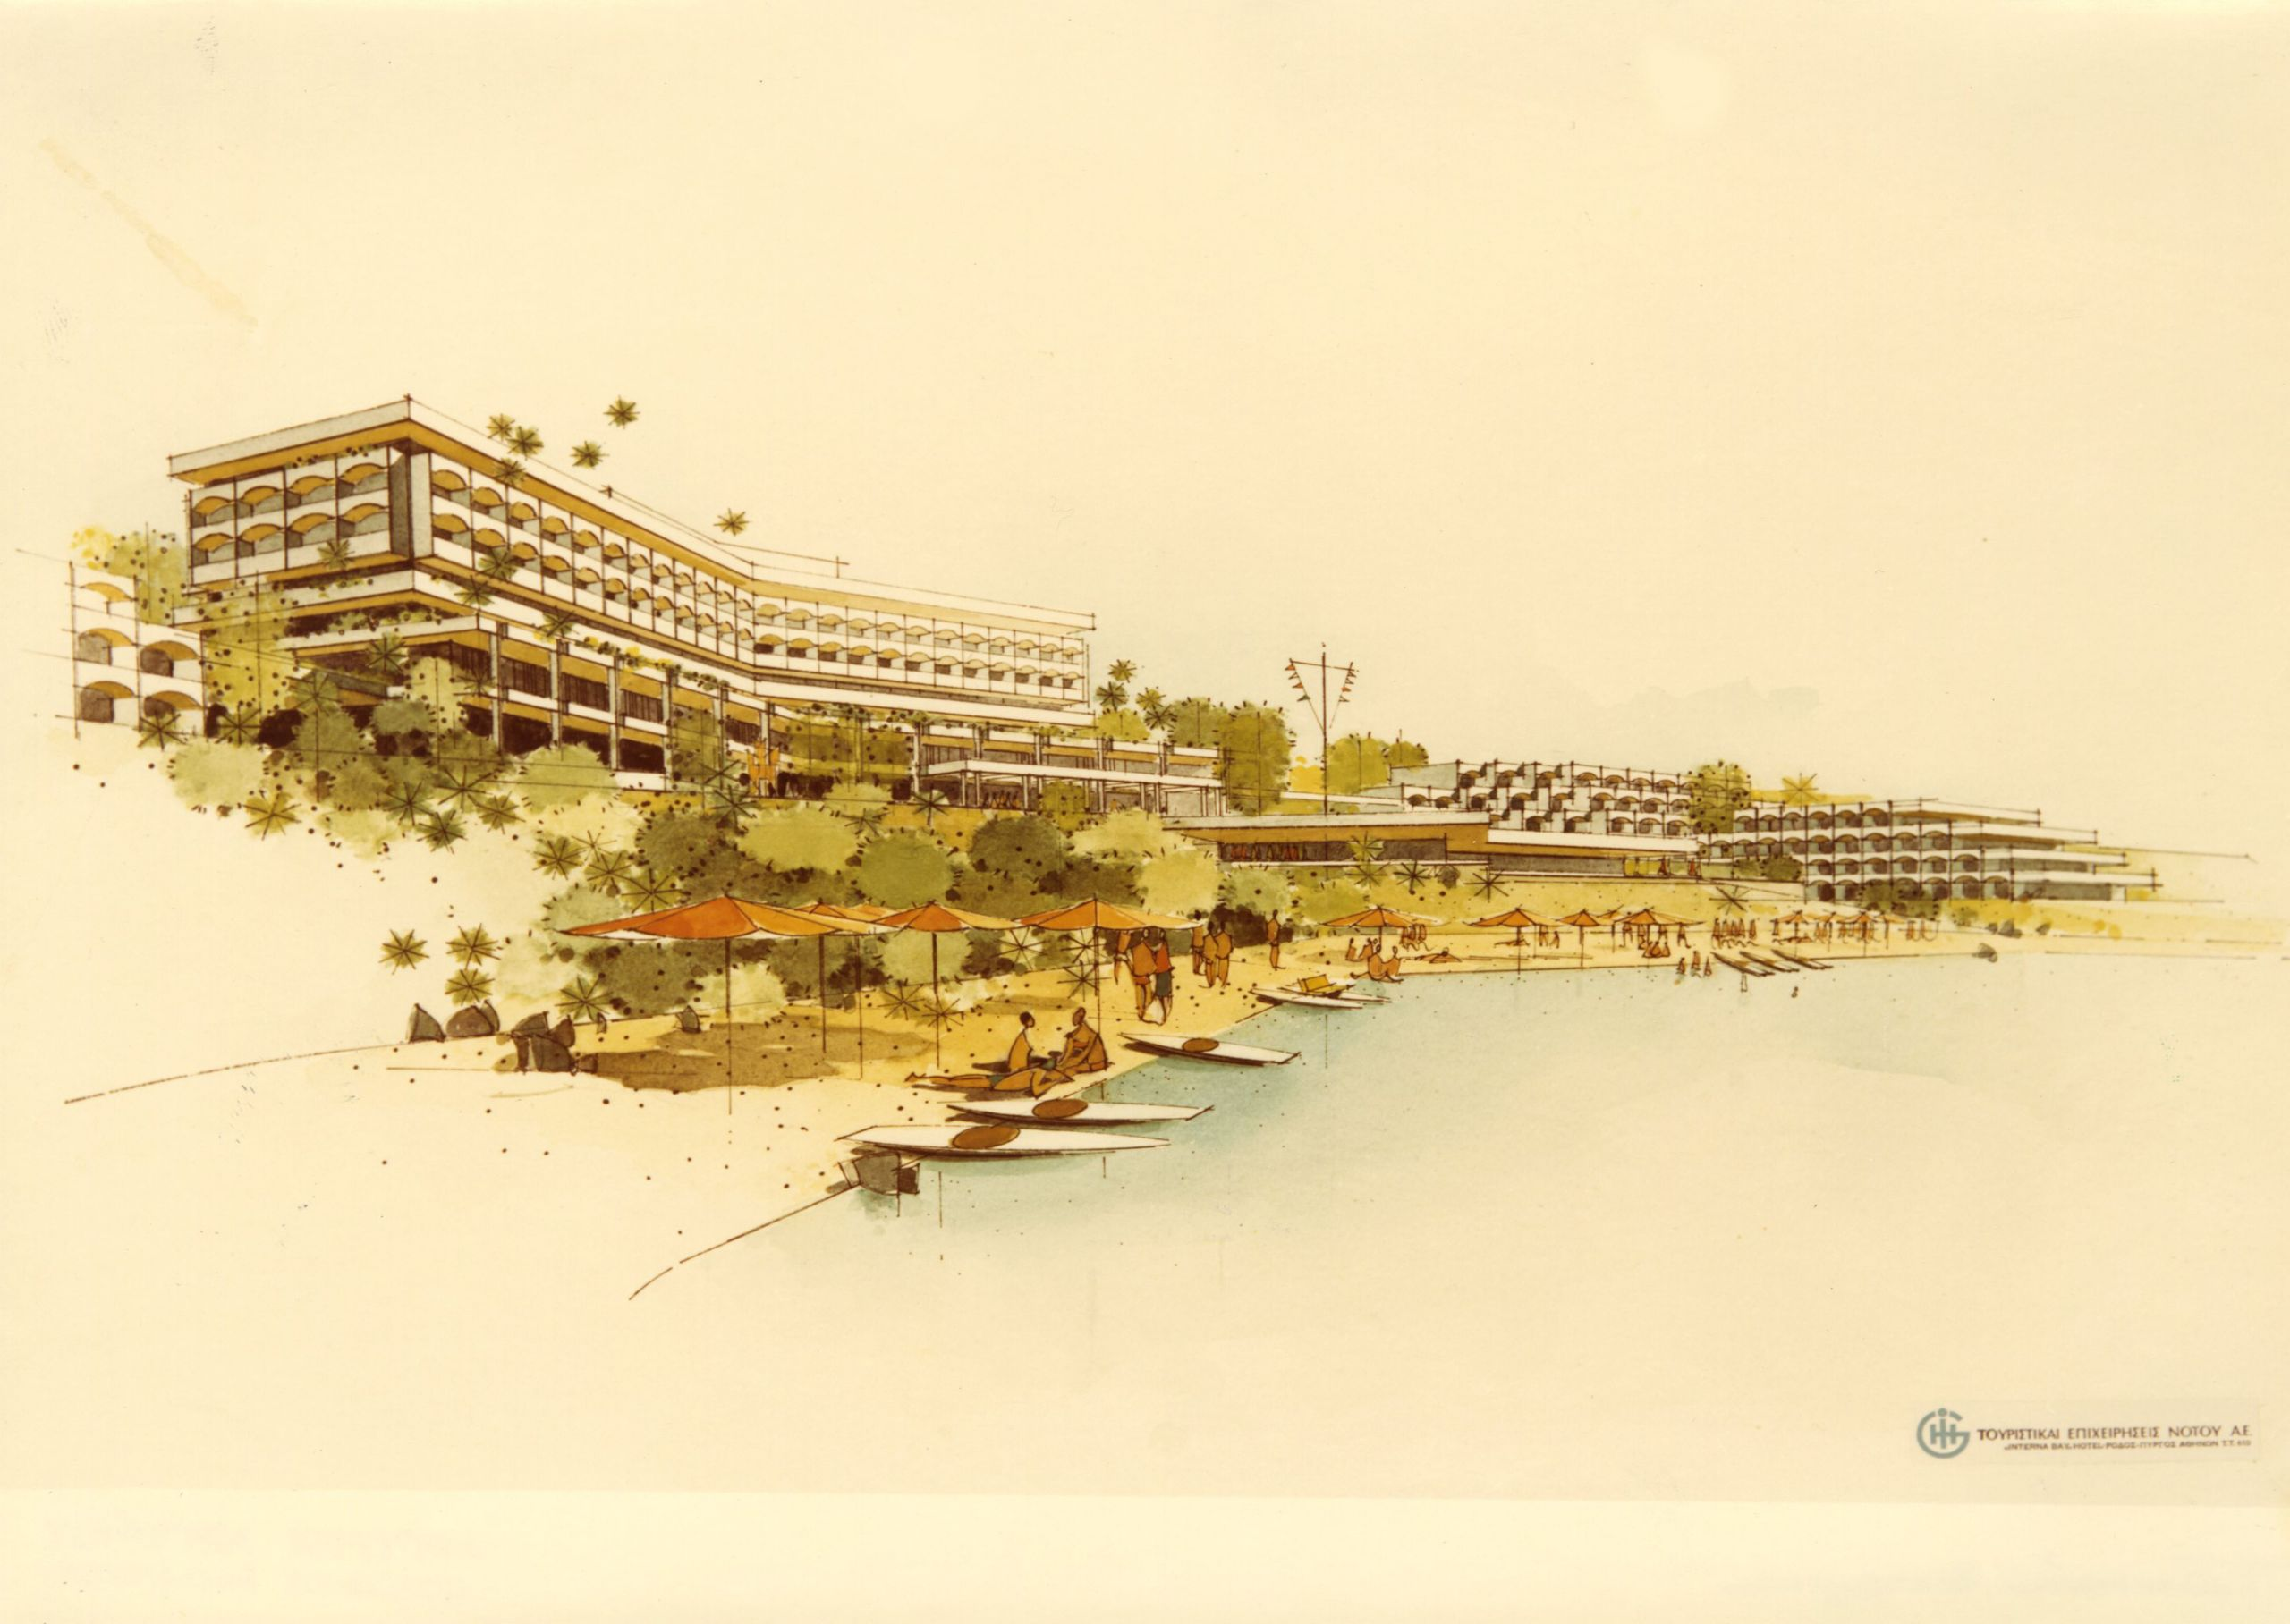 «Ιστορία της Ελλάδας του 20ού αιώνα» μια σειρά συζητήσεων από το ΠΙΟΠ για τον Ελληνικό Τουρισμό